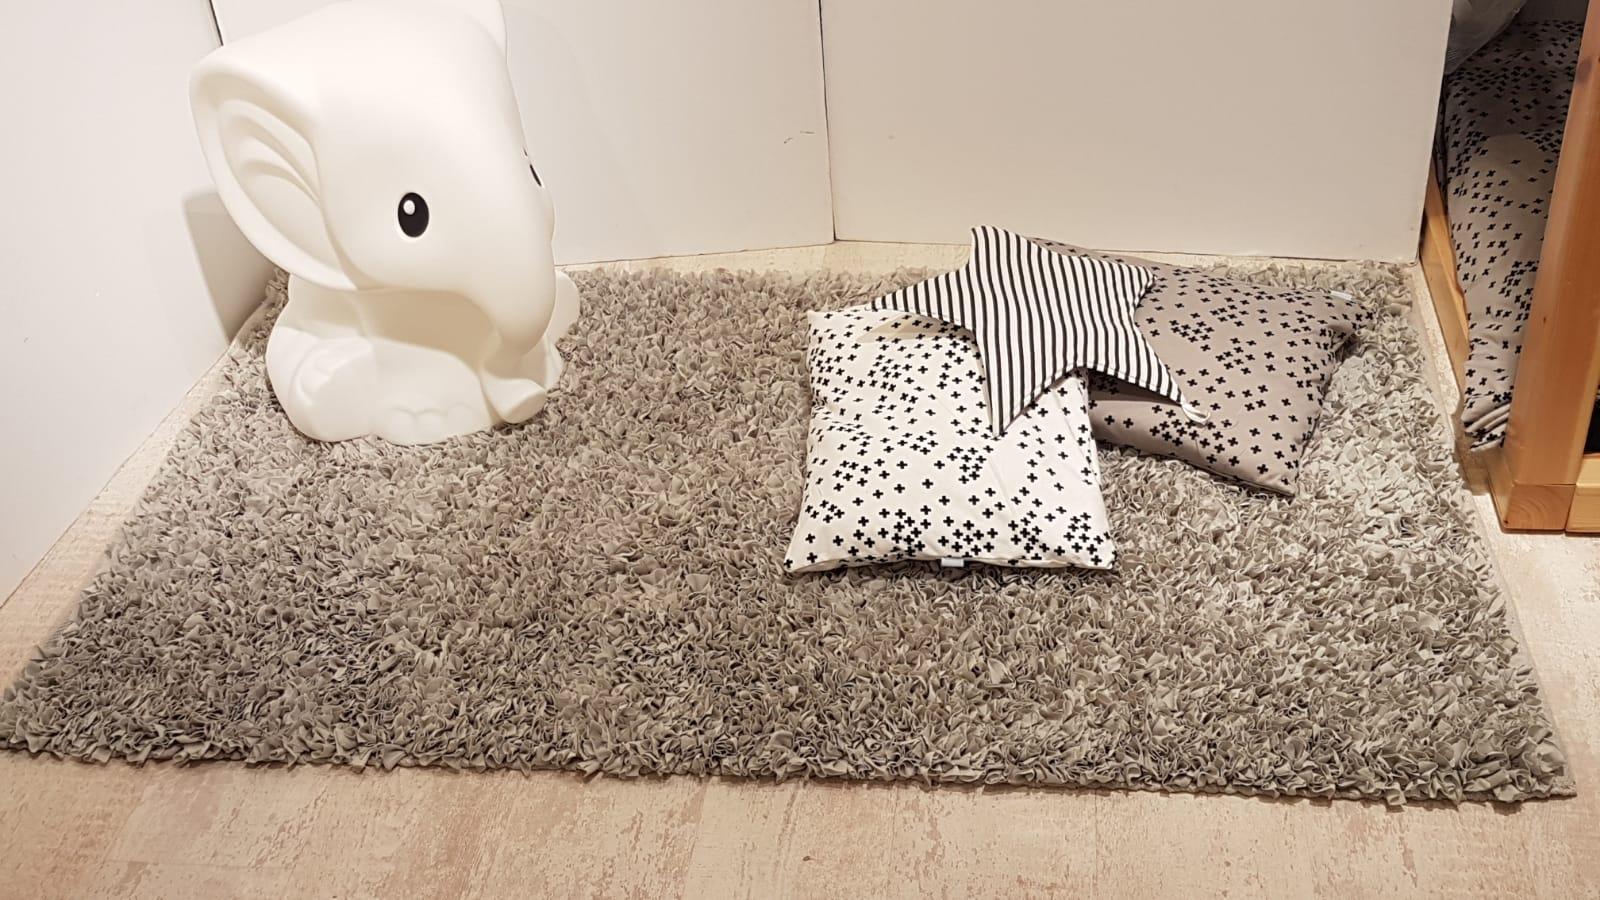 שטיח מלבן לחדר ילדים ג'ינס 140/200